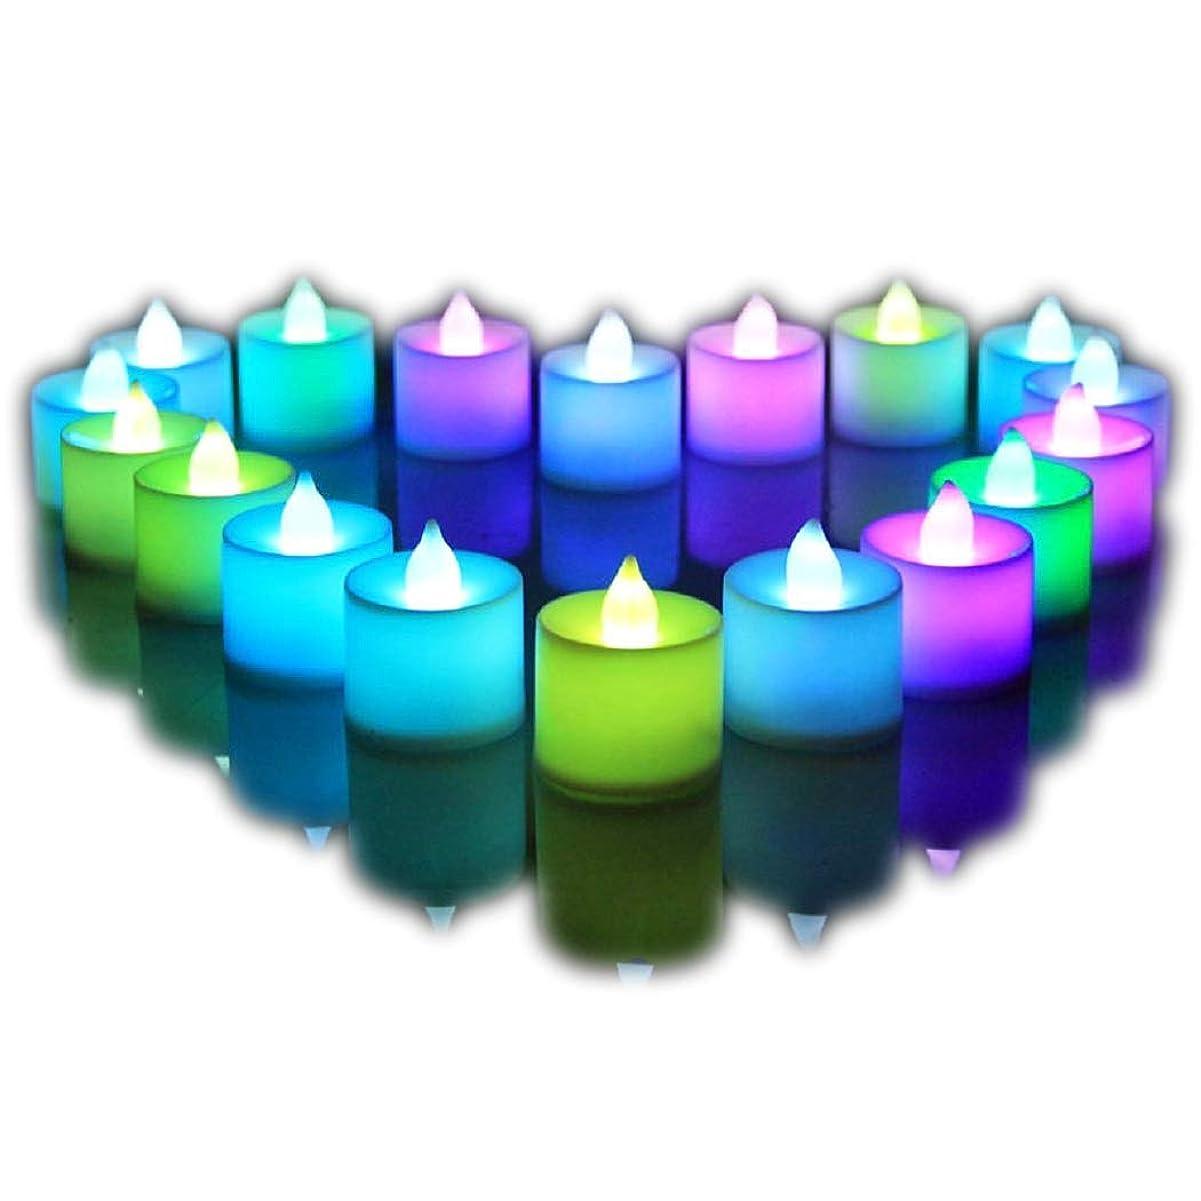 ペック浸透する呼ぶLED キャンドルライト, 電池付き ,7色点滅 ,24個セット , 電気 無煙蝋燭 LED イルミネーション,蝋燭ライト,室内電飾 パーディー 誕生日 結婚式 屋外 ,夕飯飾りクリスマス ,飾り (カラー)